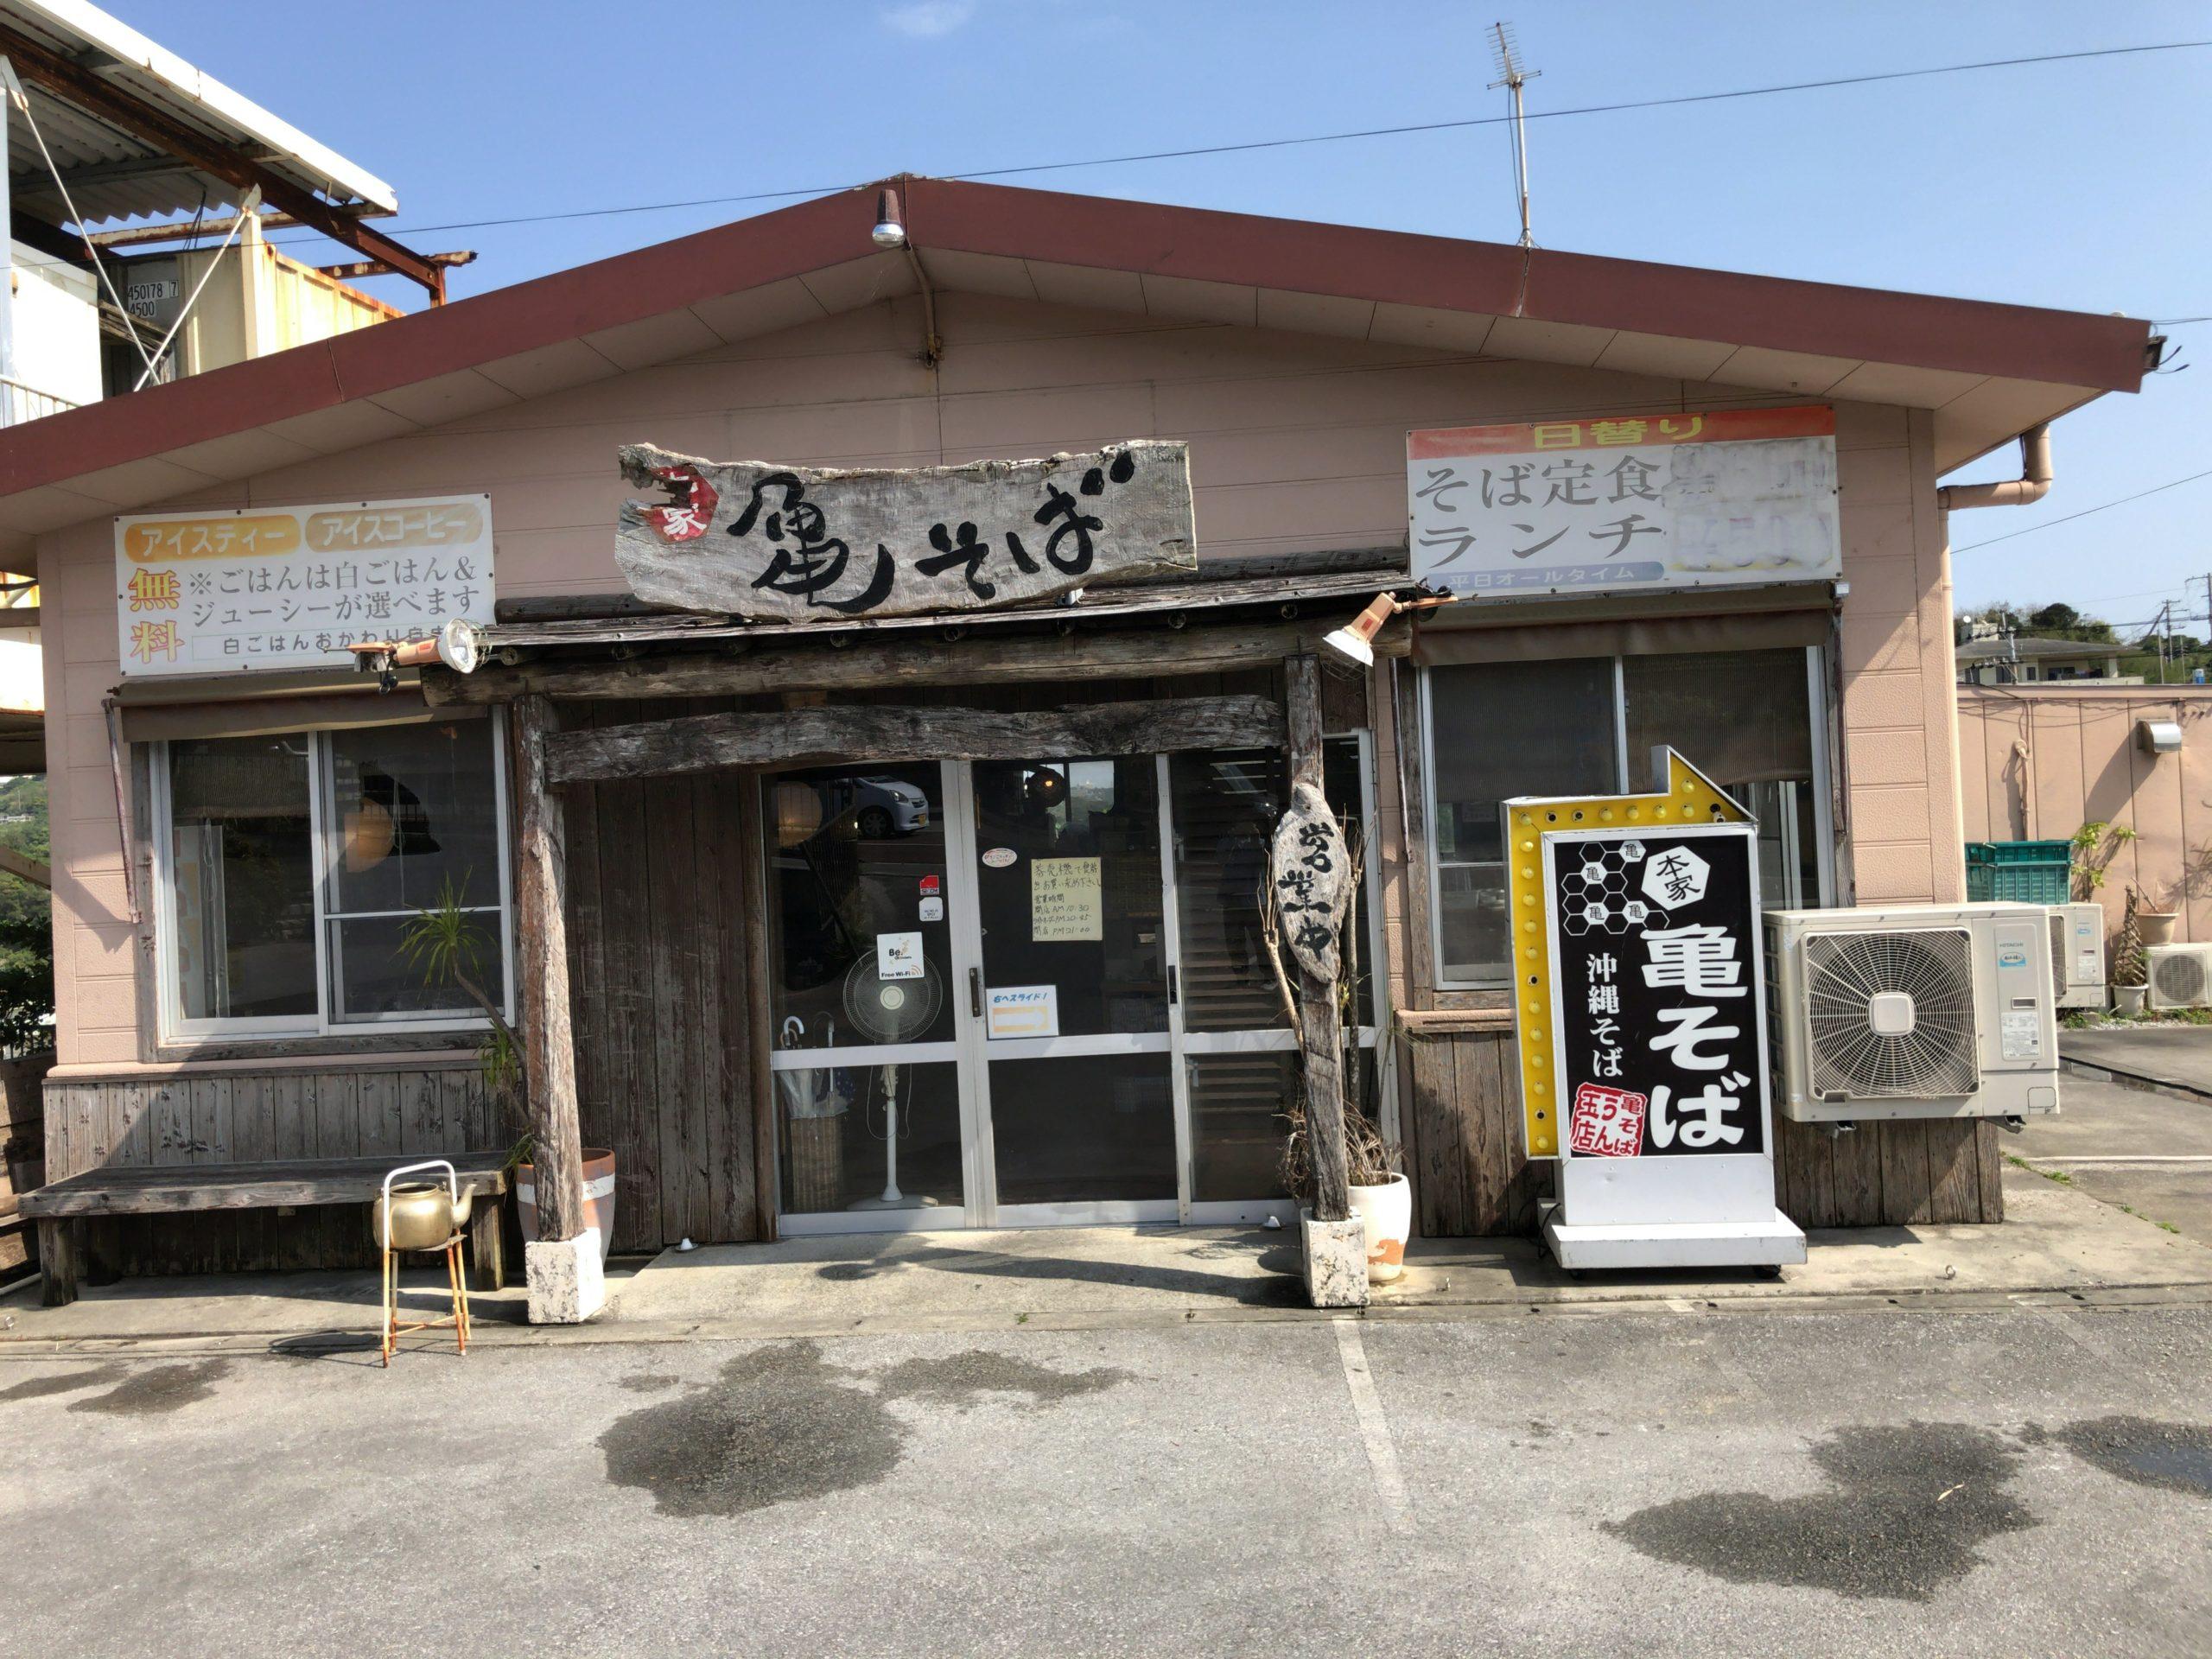 西原町『亀そば うん玉店』沖縄の食堂的要素満載のお店